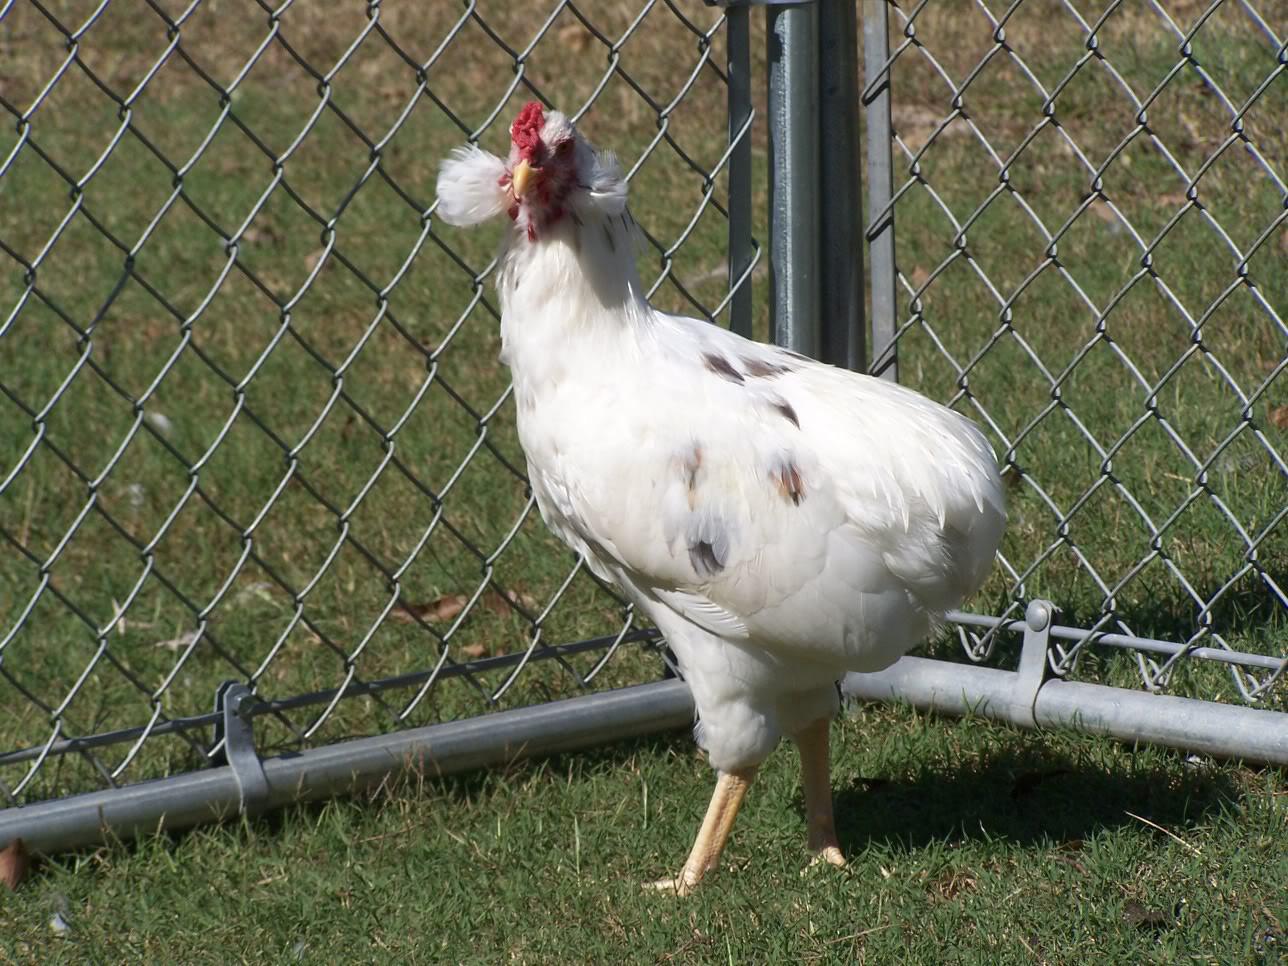 Bí ẩn về loài gà lạ dáng đẹp, không đuôi, lại đẻ sòn sòn ra trứng màu tới 240 quả/năm - Ảnh 4.